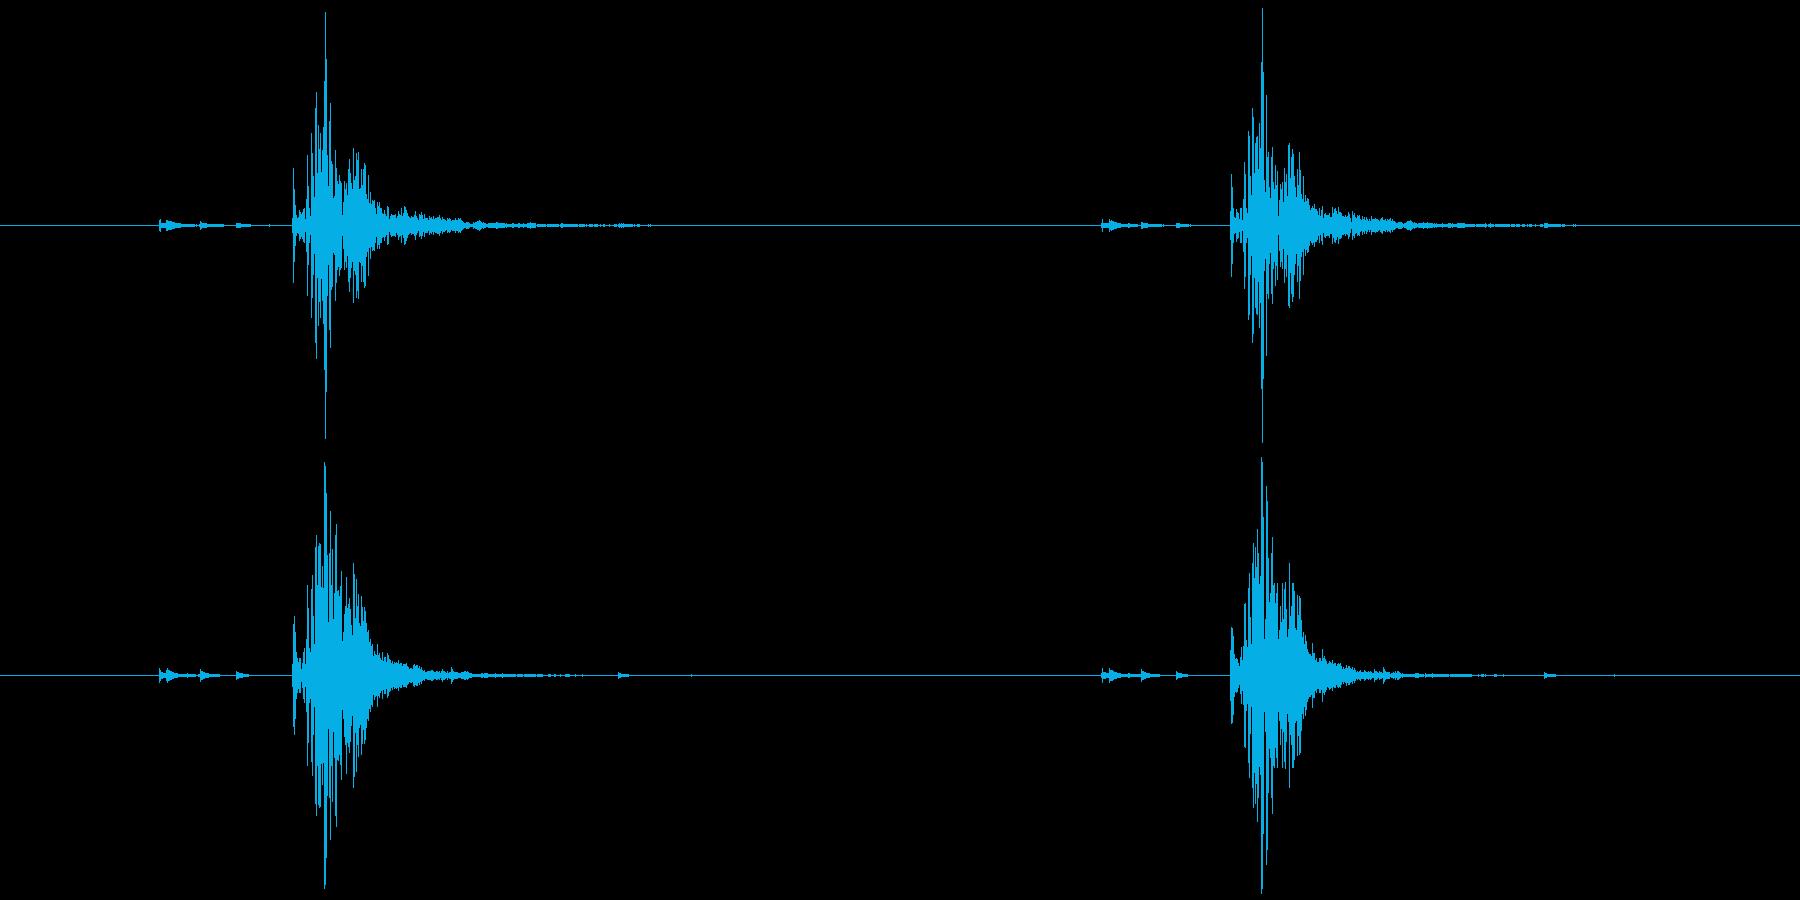 錠剤などを容器から出す。 高音 チャ×2の再生済みの波形